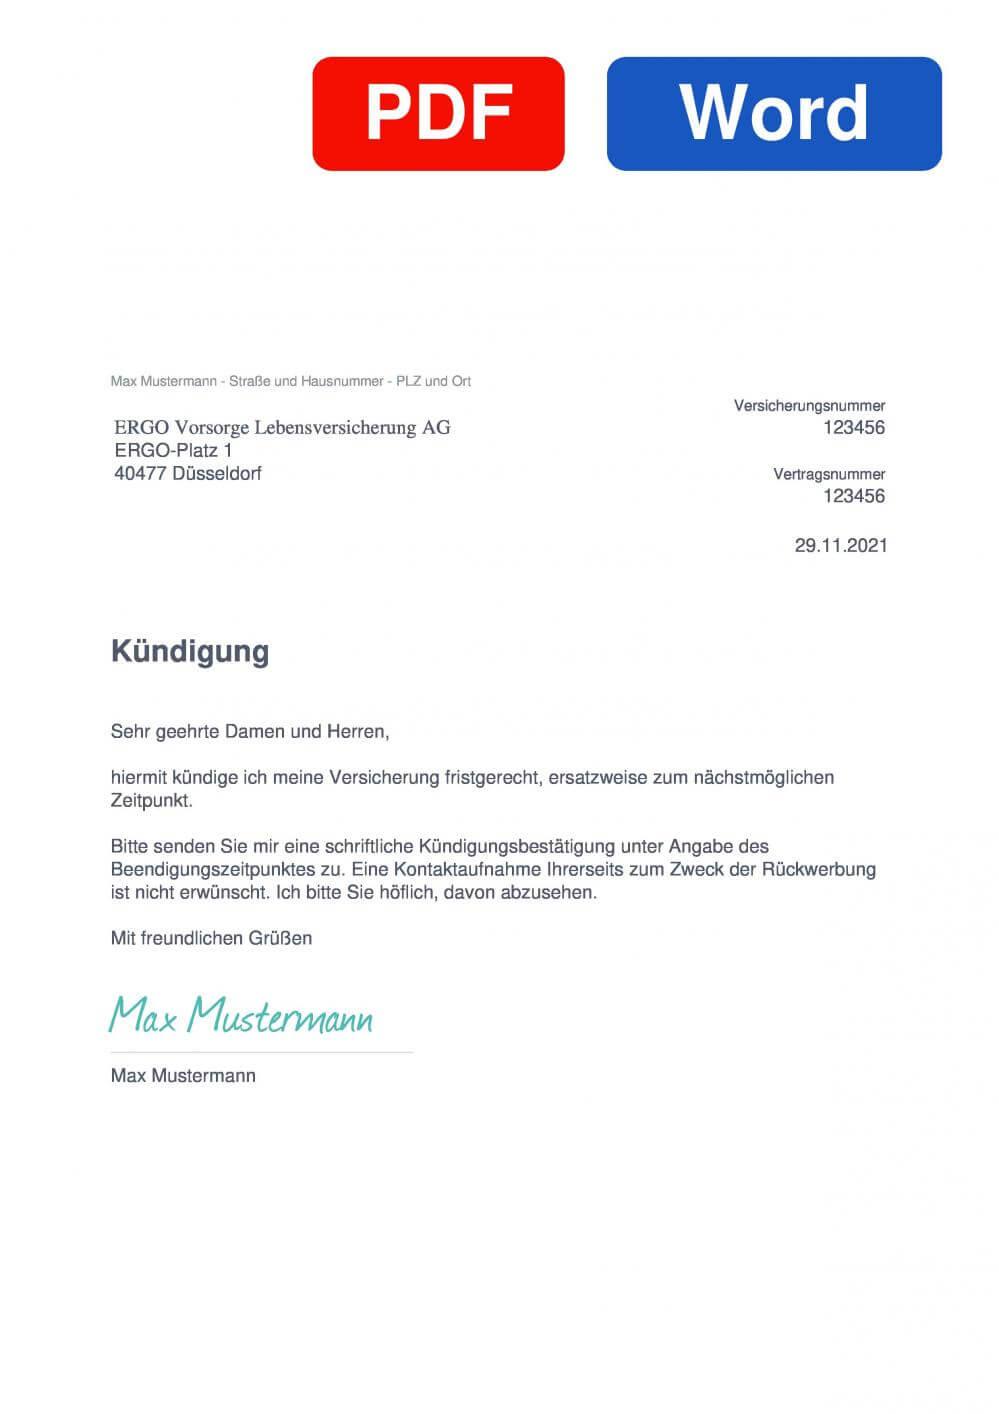 ERGO Direkt Muster Vorlage für Kündigungsschreiben